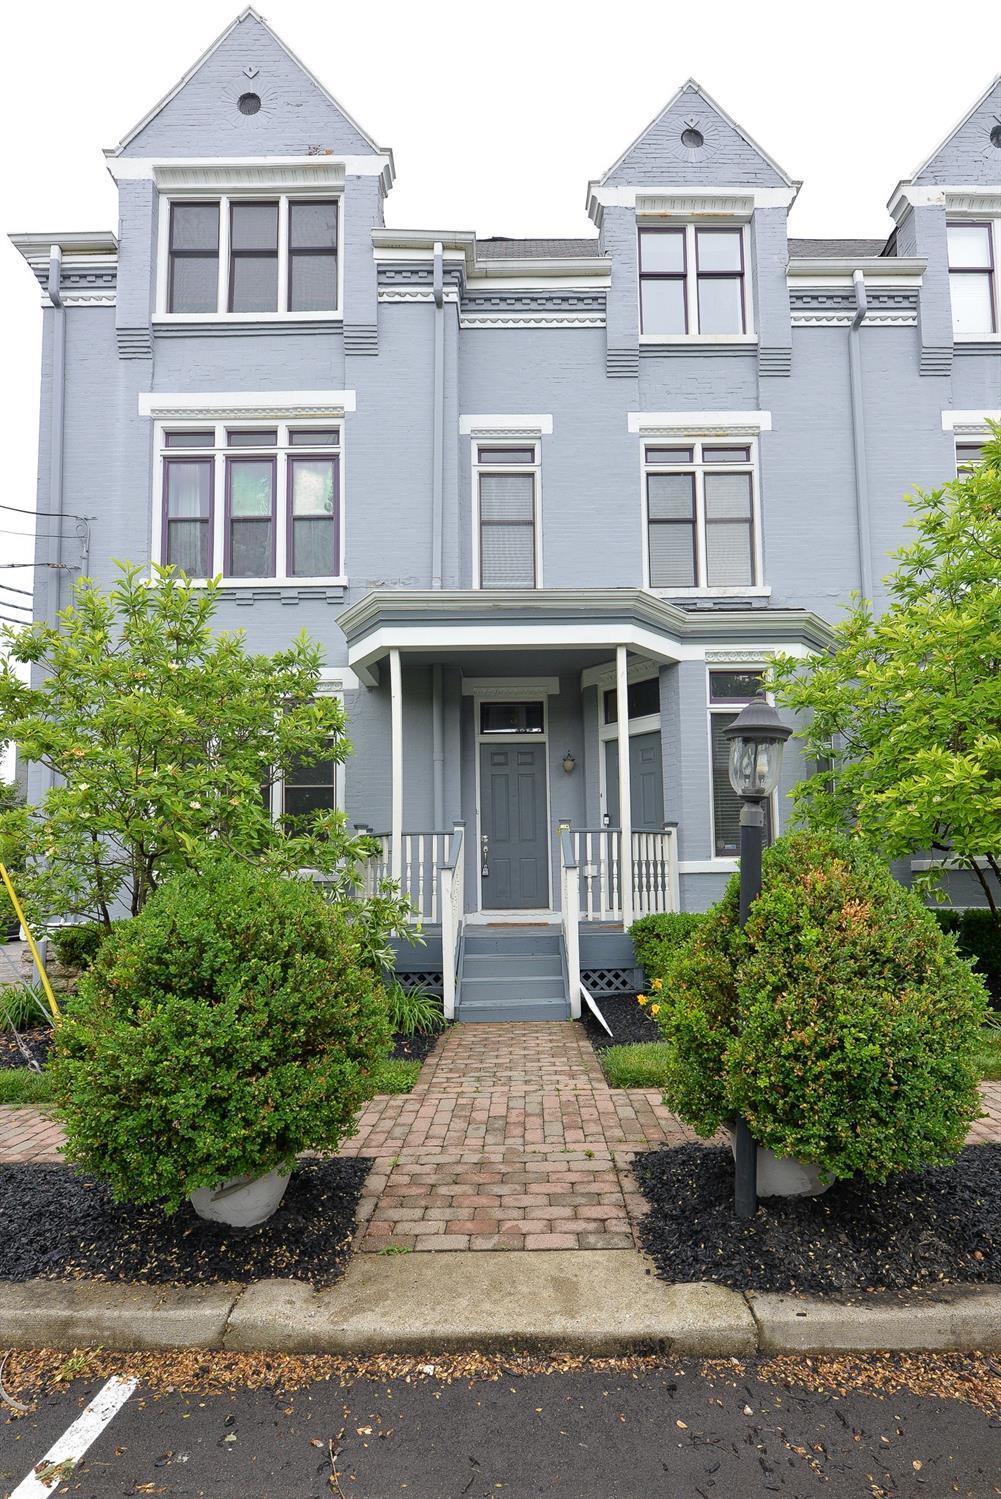 2100 Sinton Avenue, Cincinnati, Ohio 45206, 2 Bedrooms Bedrooms, 5 Rooms Rooms,2 BathroomsBathrooms,Condominium,For Sale,Sinton,1703678